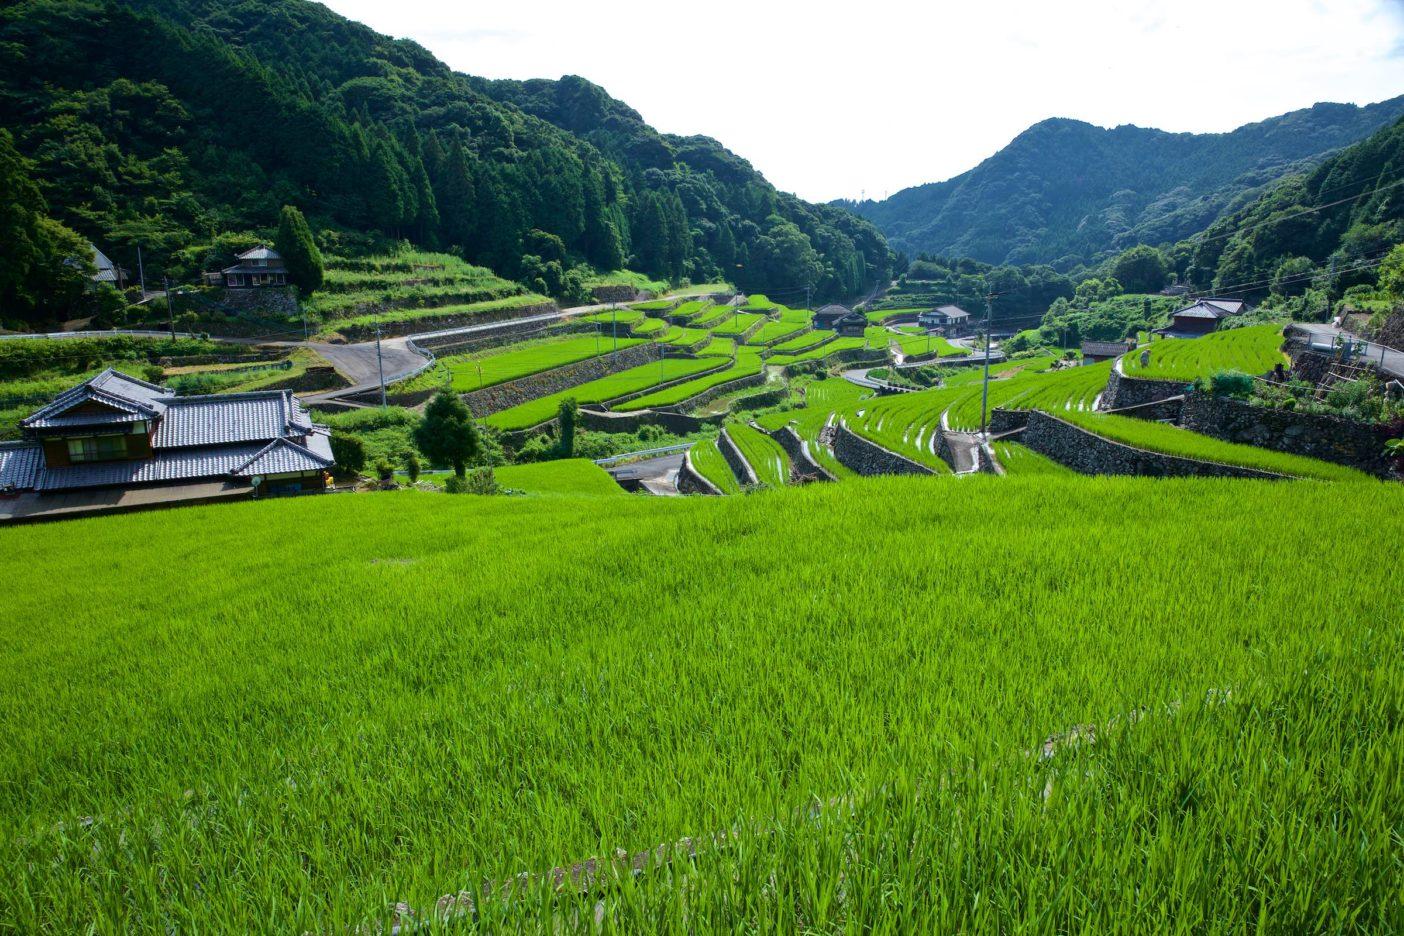 日本棚田百選にも選ばれている「日向の棚田」 写真:村山嘉昭